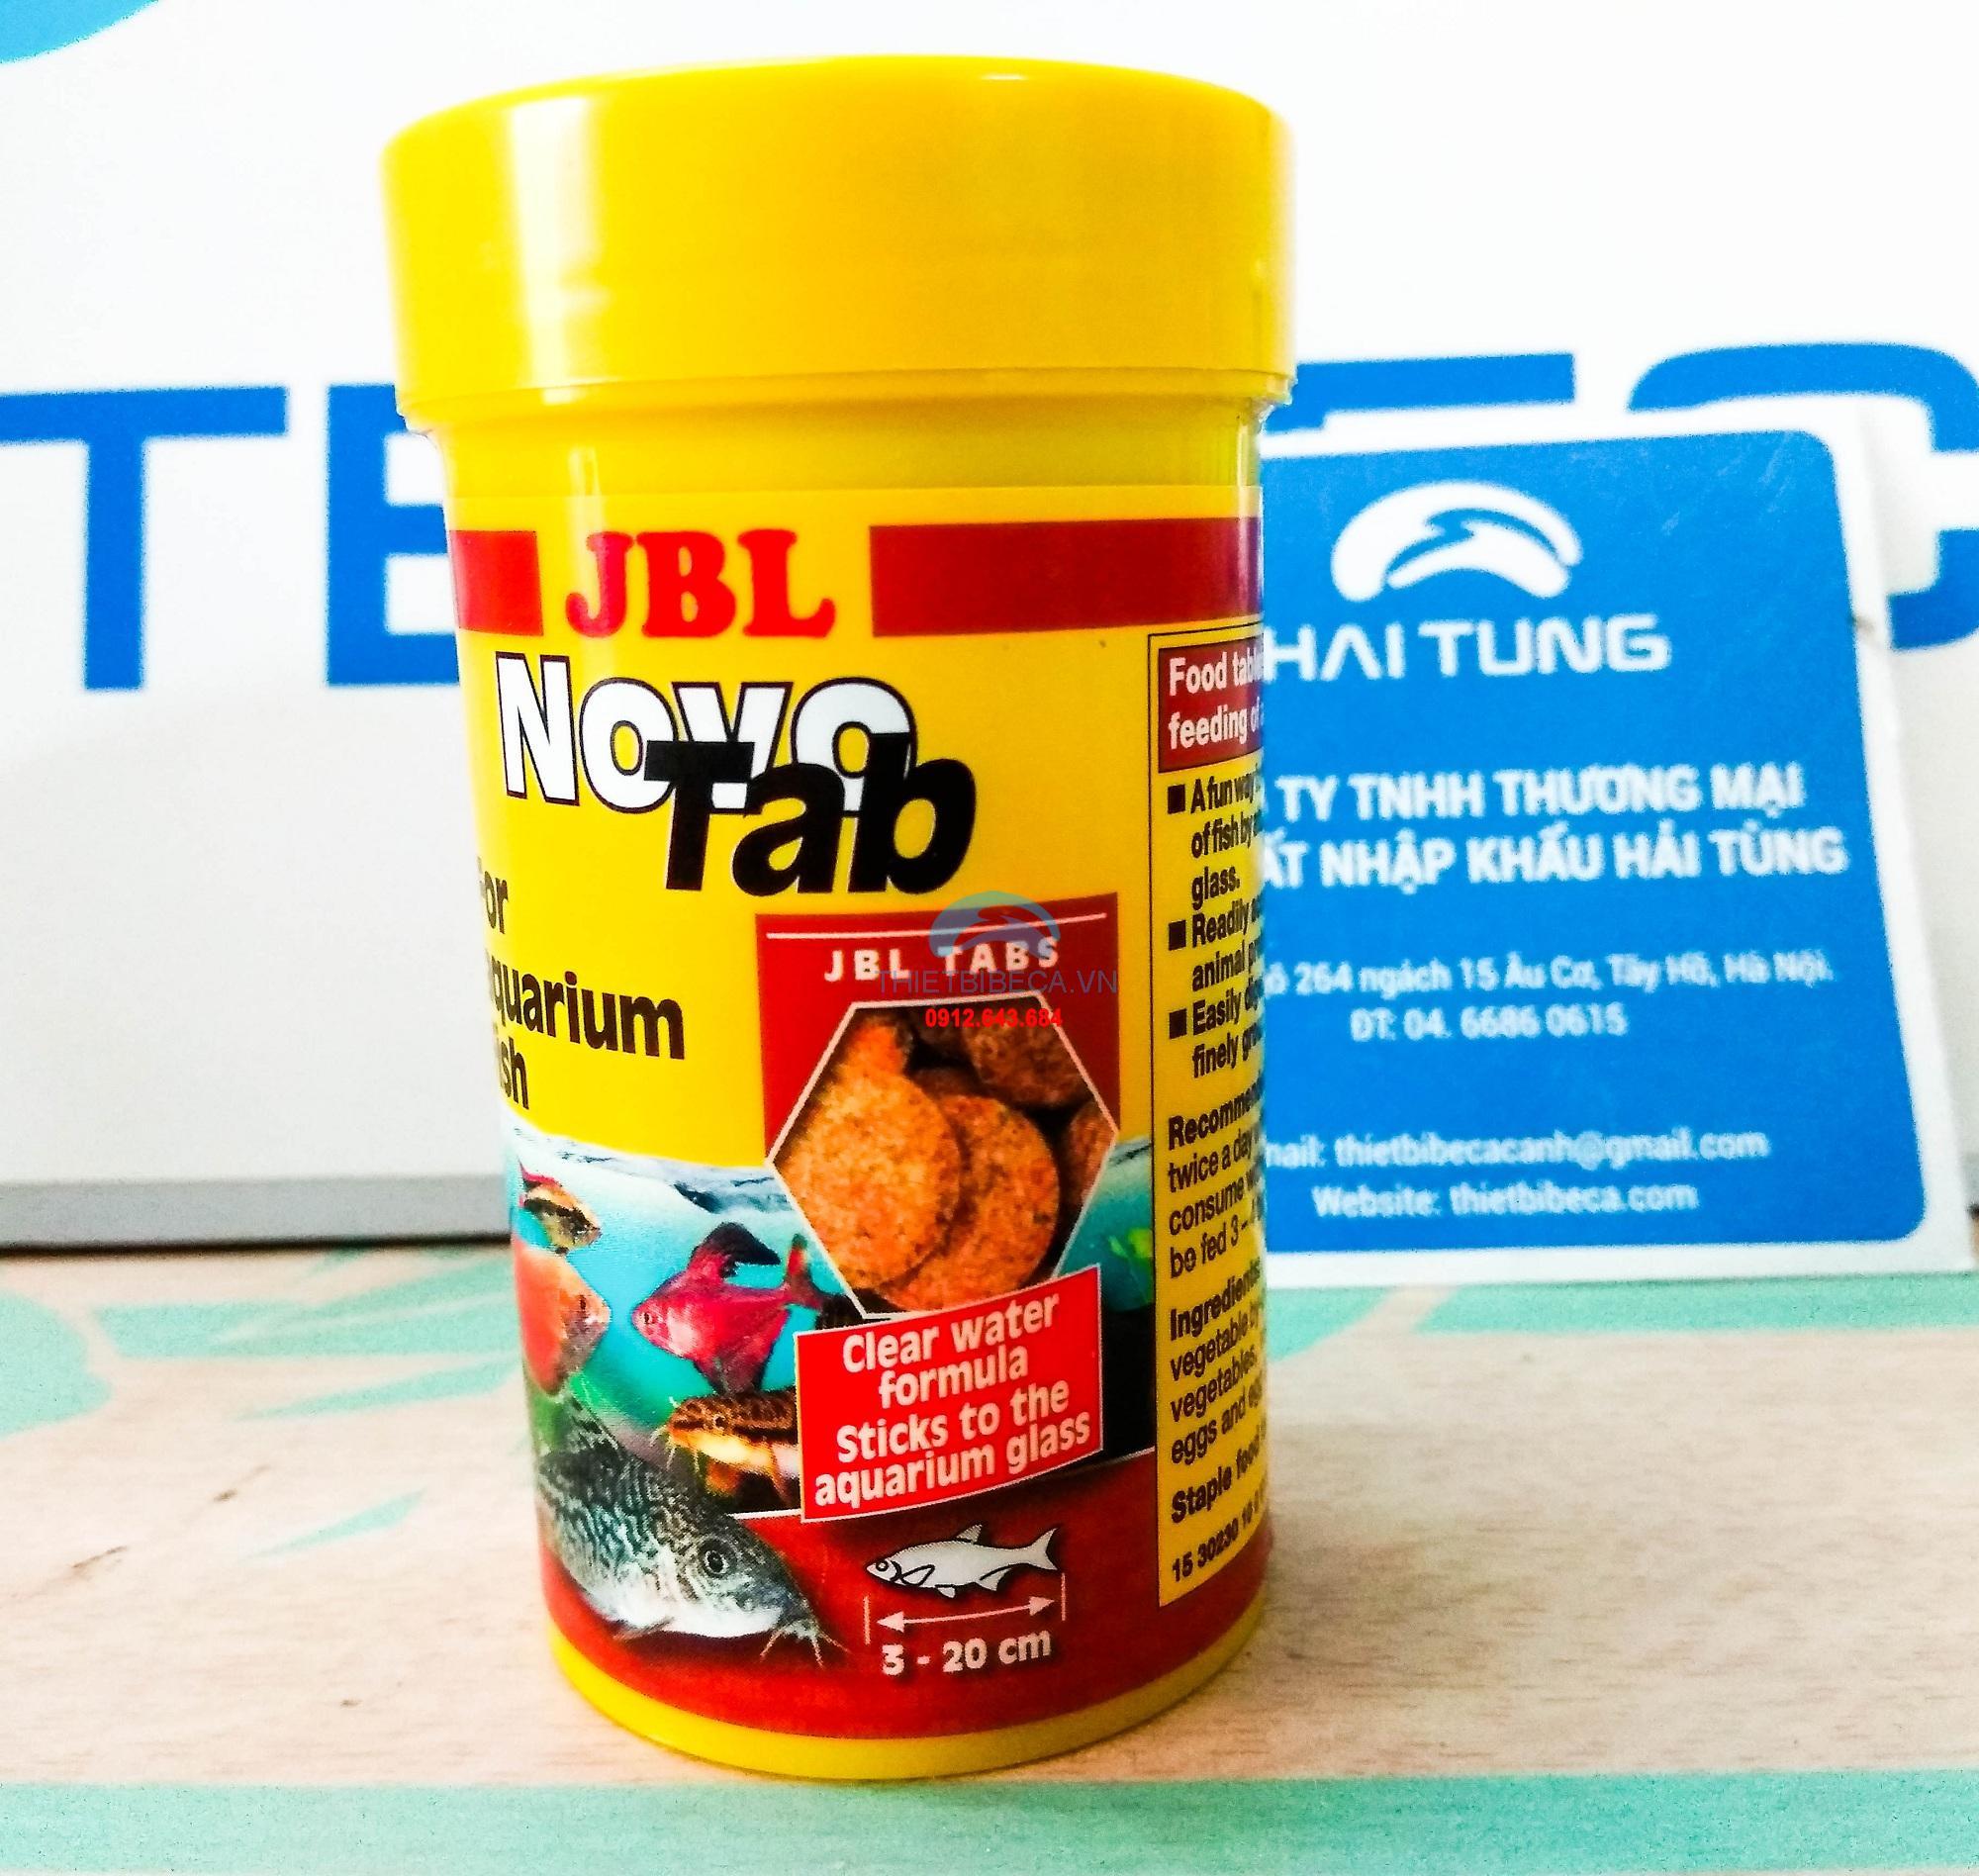 Thức ăn cá viên dán JBL